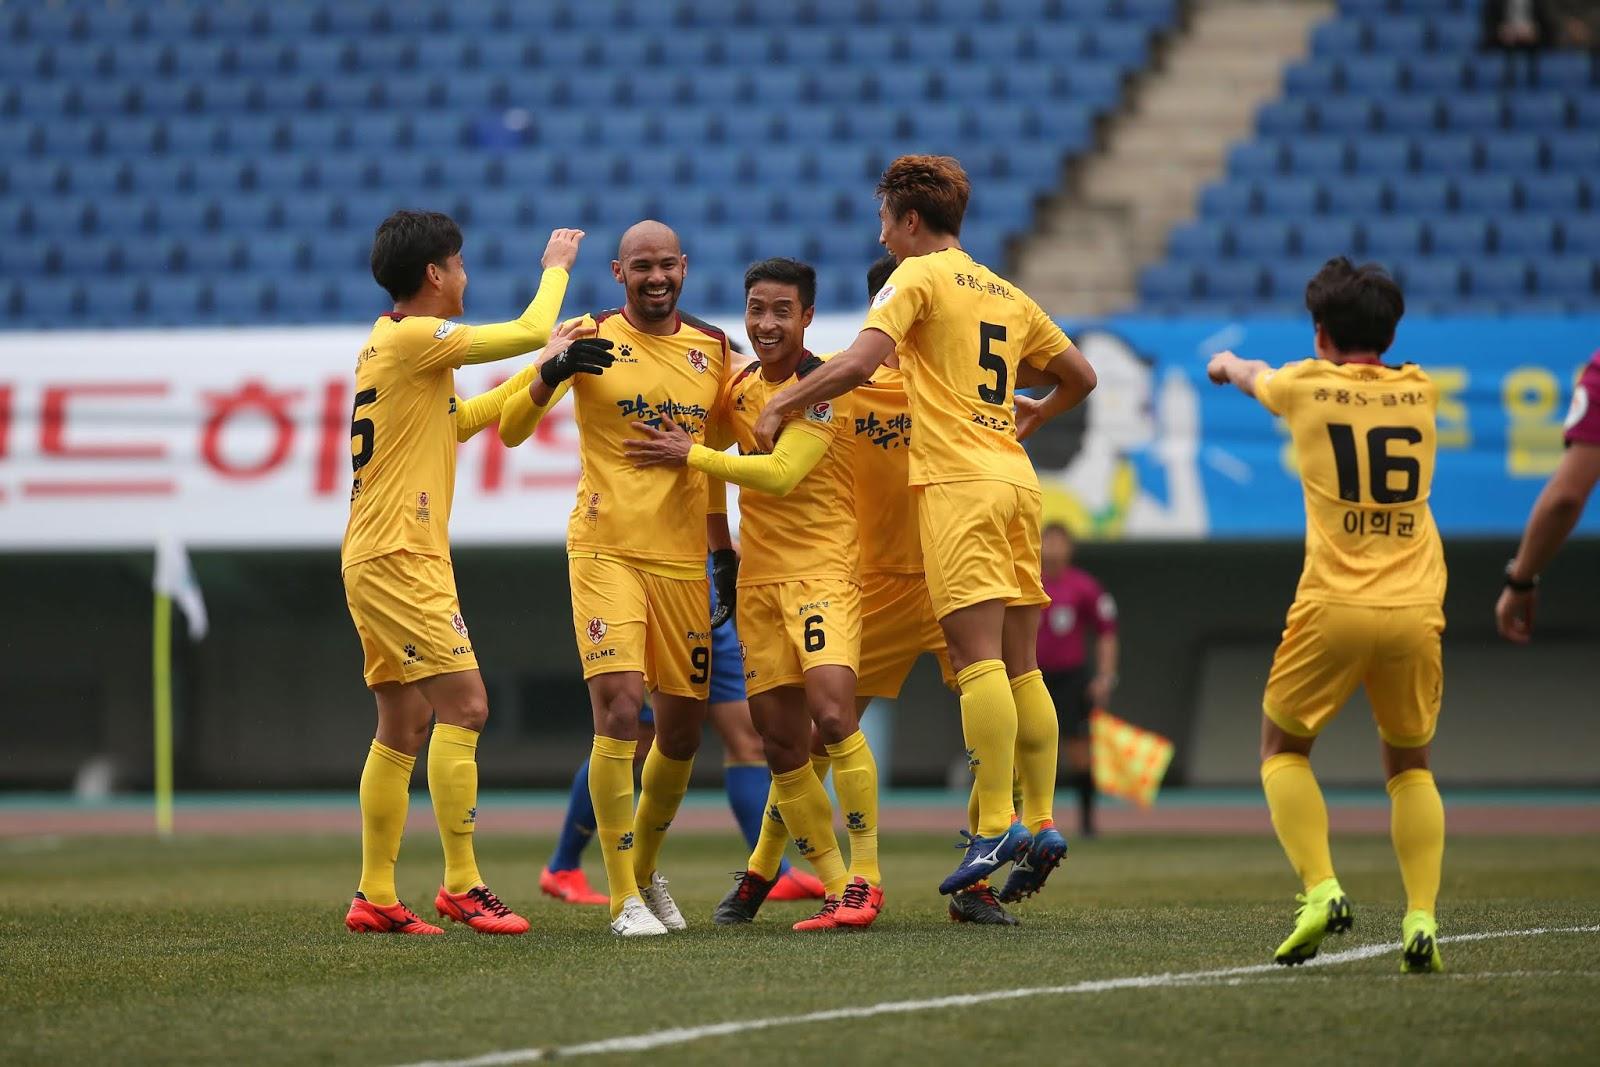 Preview: Gwangju FC vs FC Anyang K League 2 Round 5